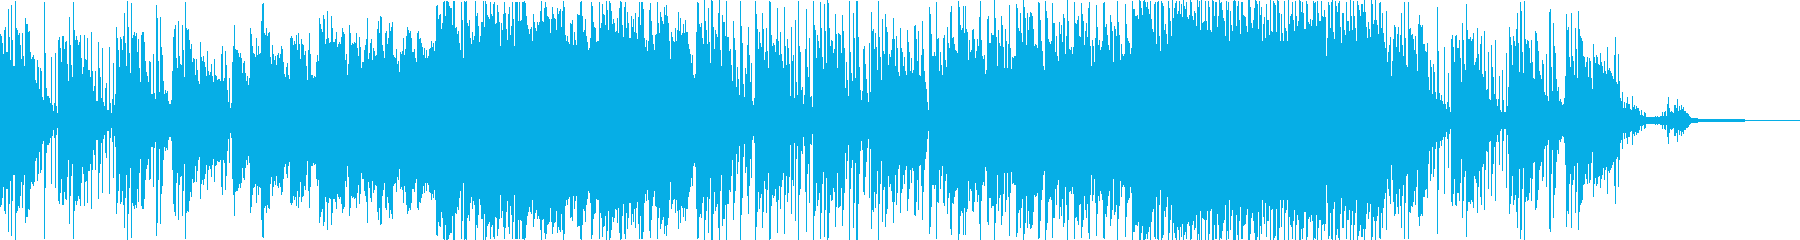 壮大な自然のポップスの再生済みの波形